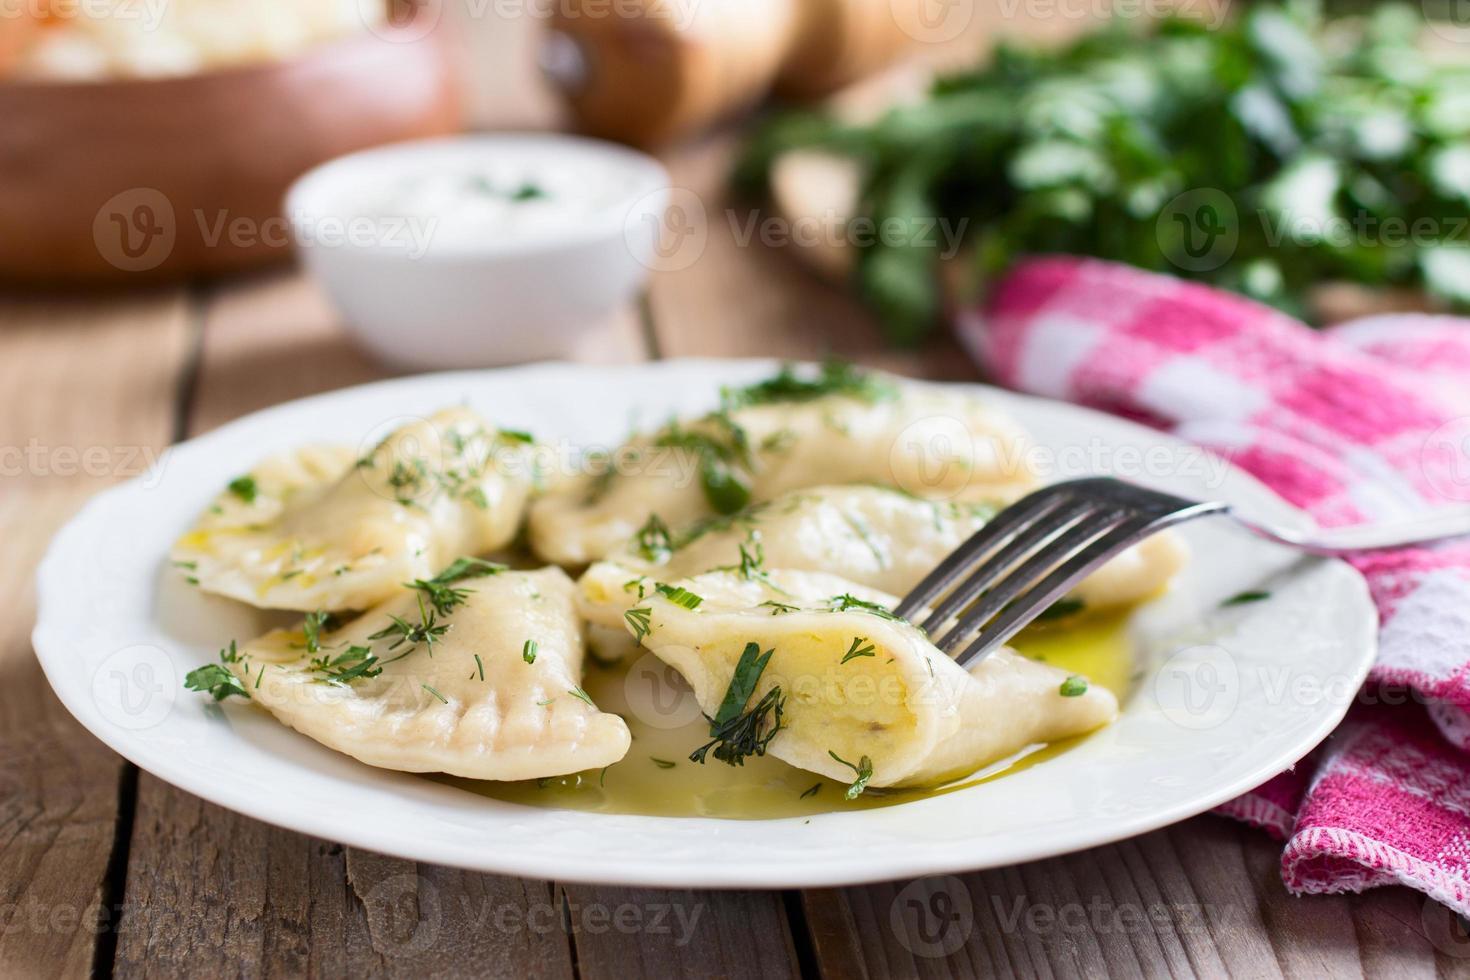 potatisfylld varenyky på en vit platta på träbord foto